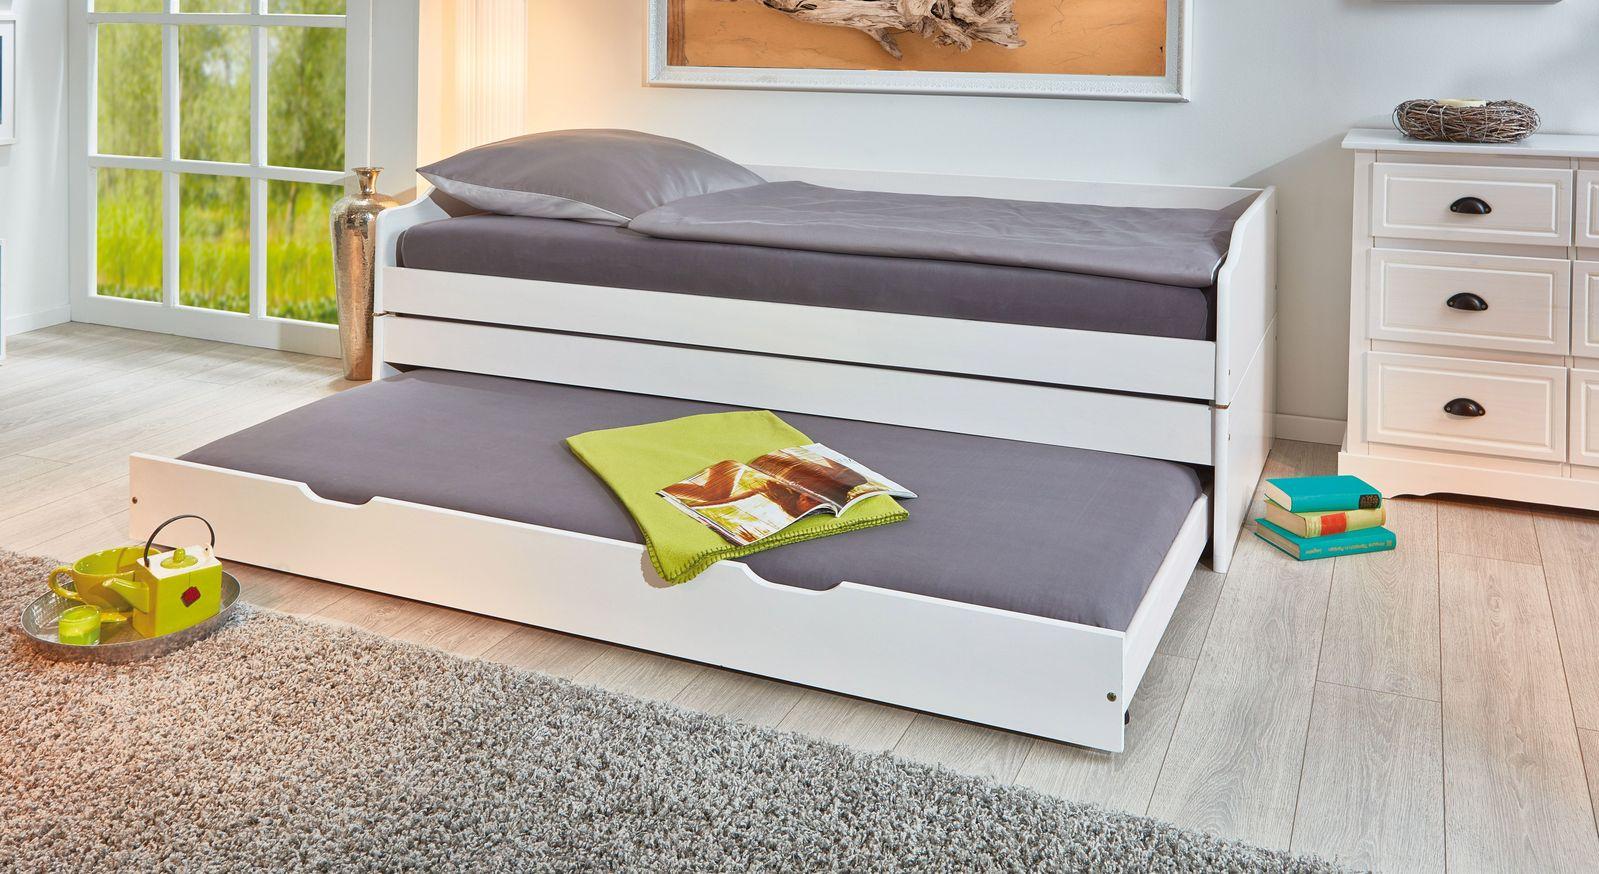 Full Size of Ausziehbares Doppelbett Ikea Ausziehbare Doppelbettcouch Funktionsbett Aus Massiver Kiefer Mit Drei Schlafpltzen 3 In 1 Bett Wohnzimmer Ausziehbares Doppelbett